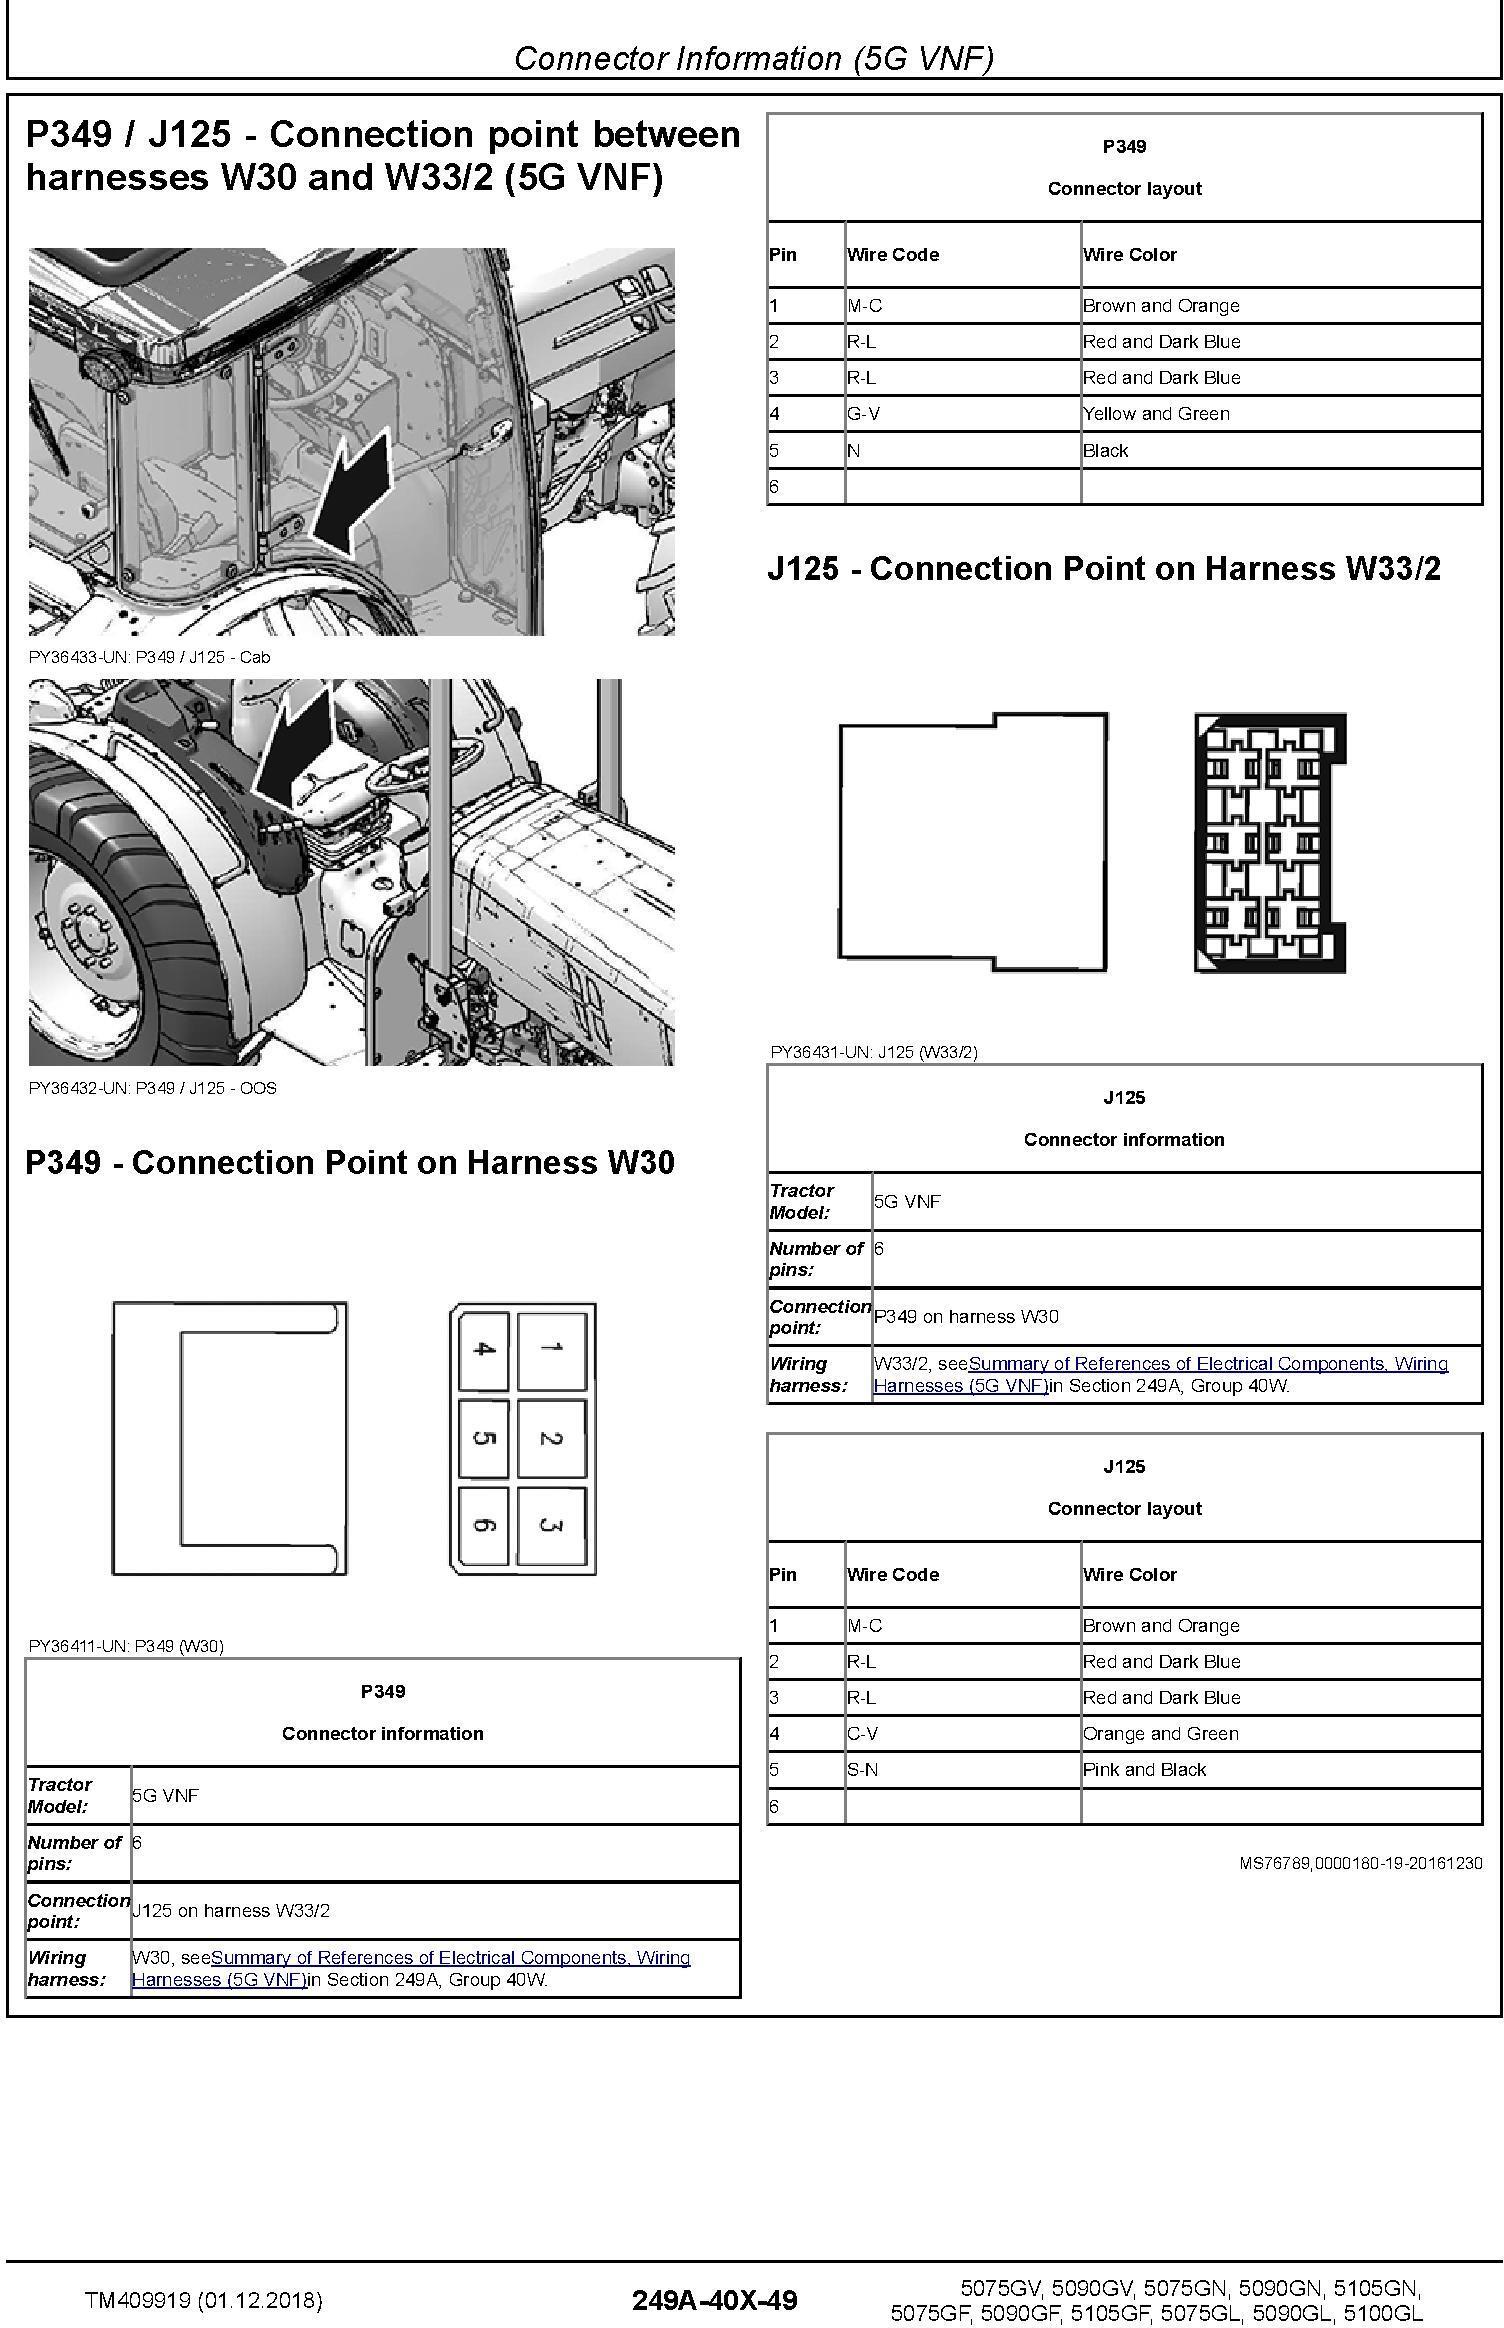 John Deere 5075GV/GN/GF/GL, 5090GV/GN/GF/GL, 5100GL, 5105GN/GF Tractors Diagnostic Manual (TM409919) - 2